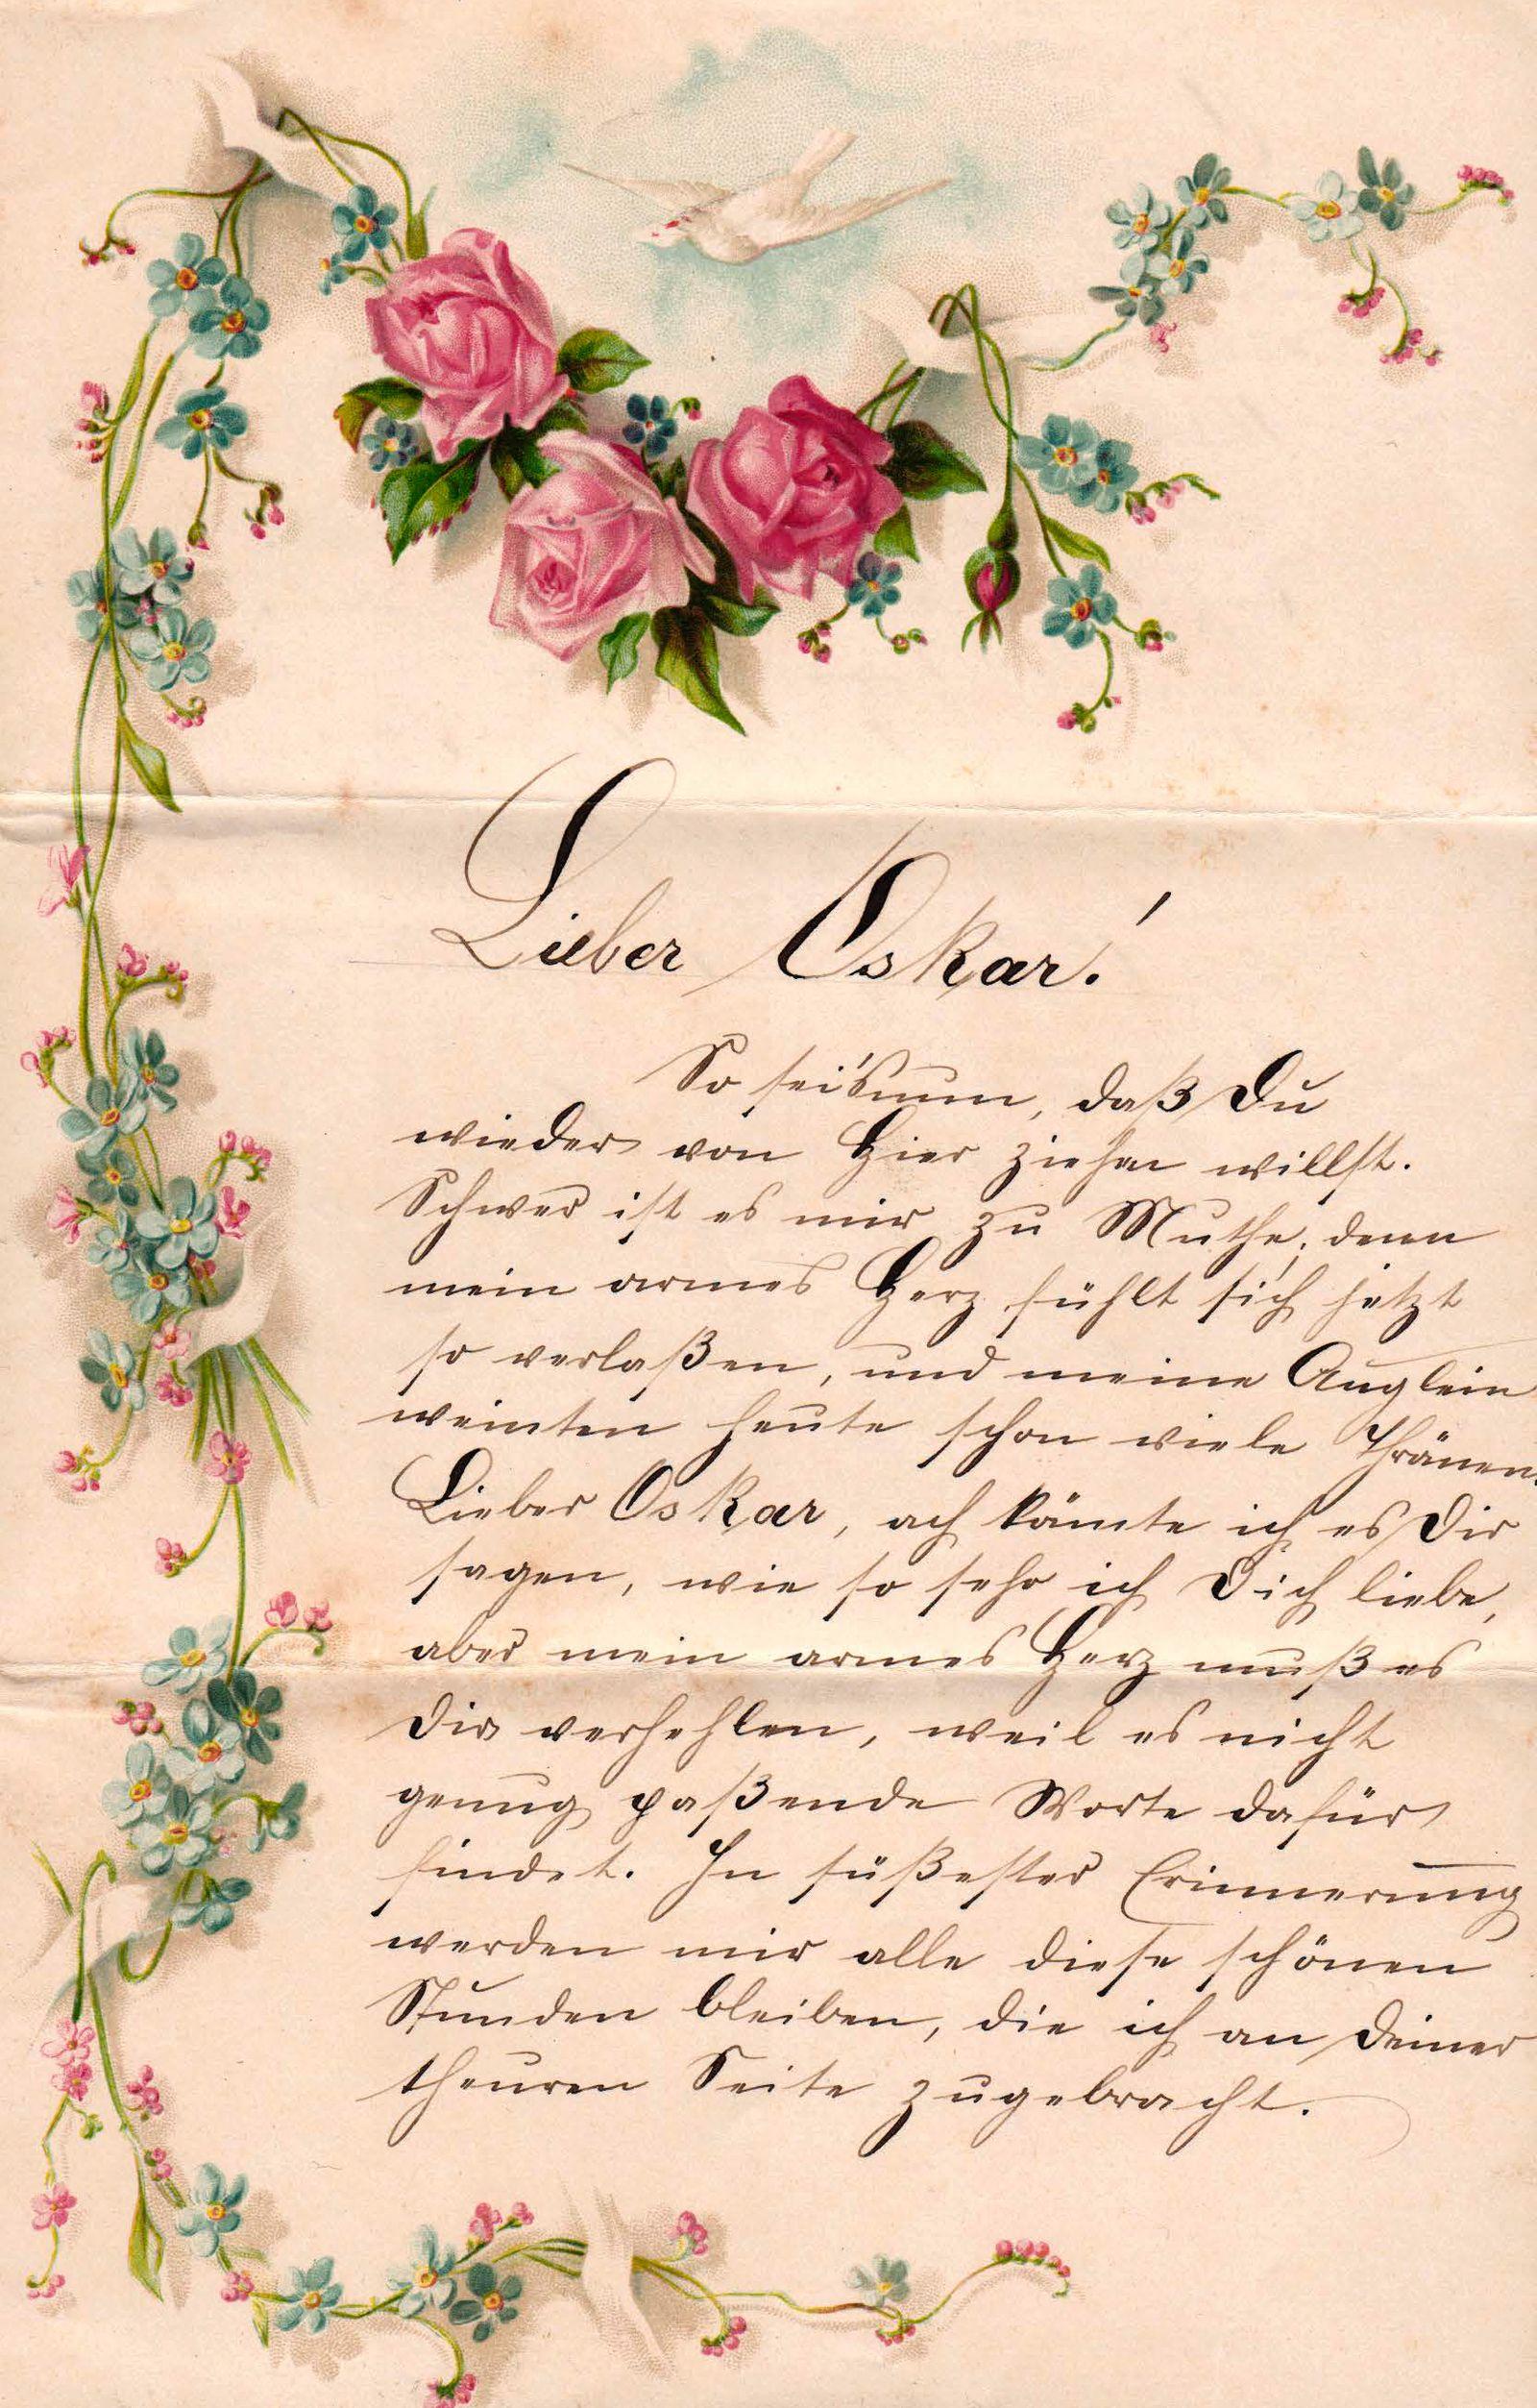 Ihn für schöne liebesbriefe Romantische Liebeserklärungen